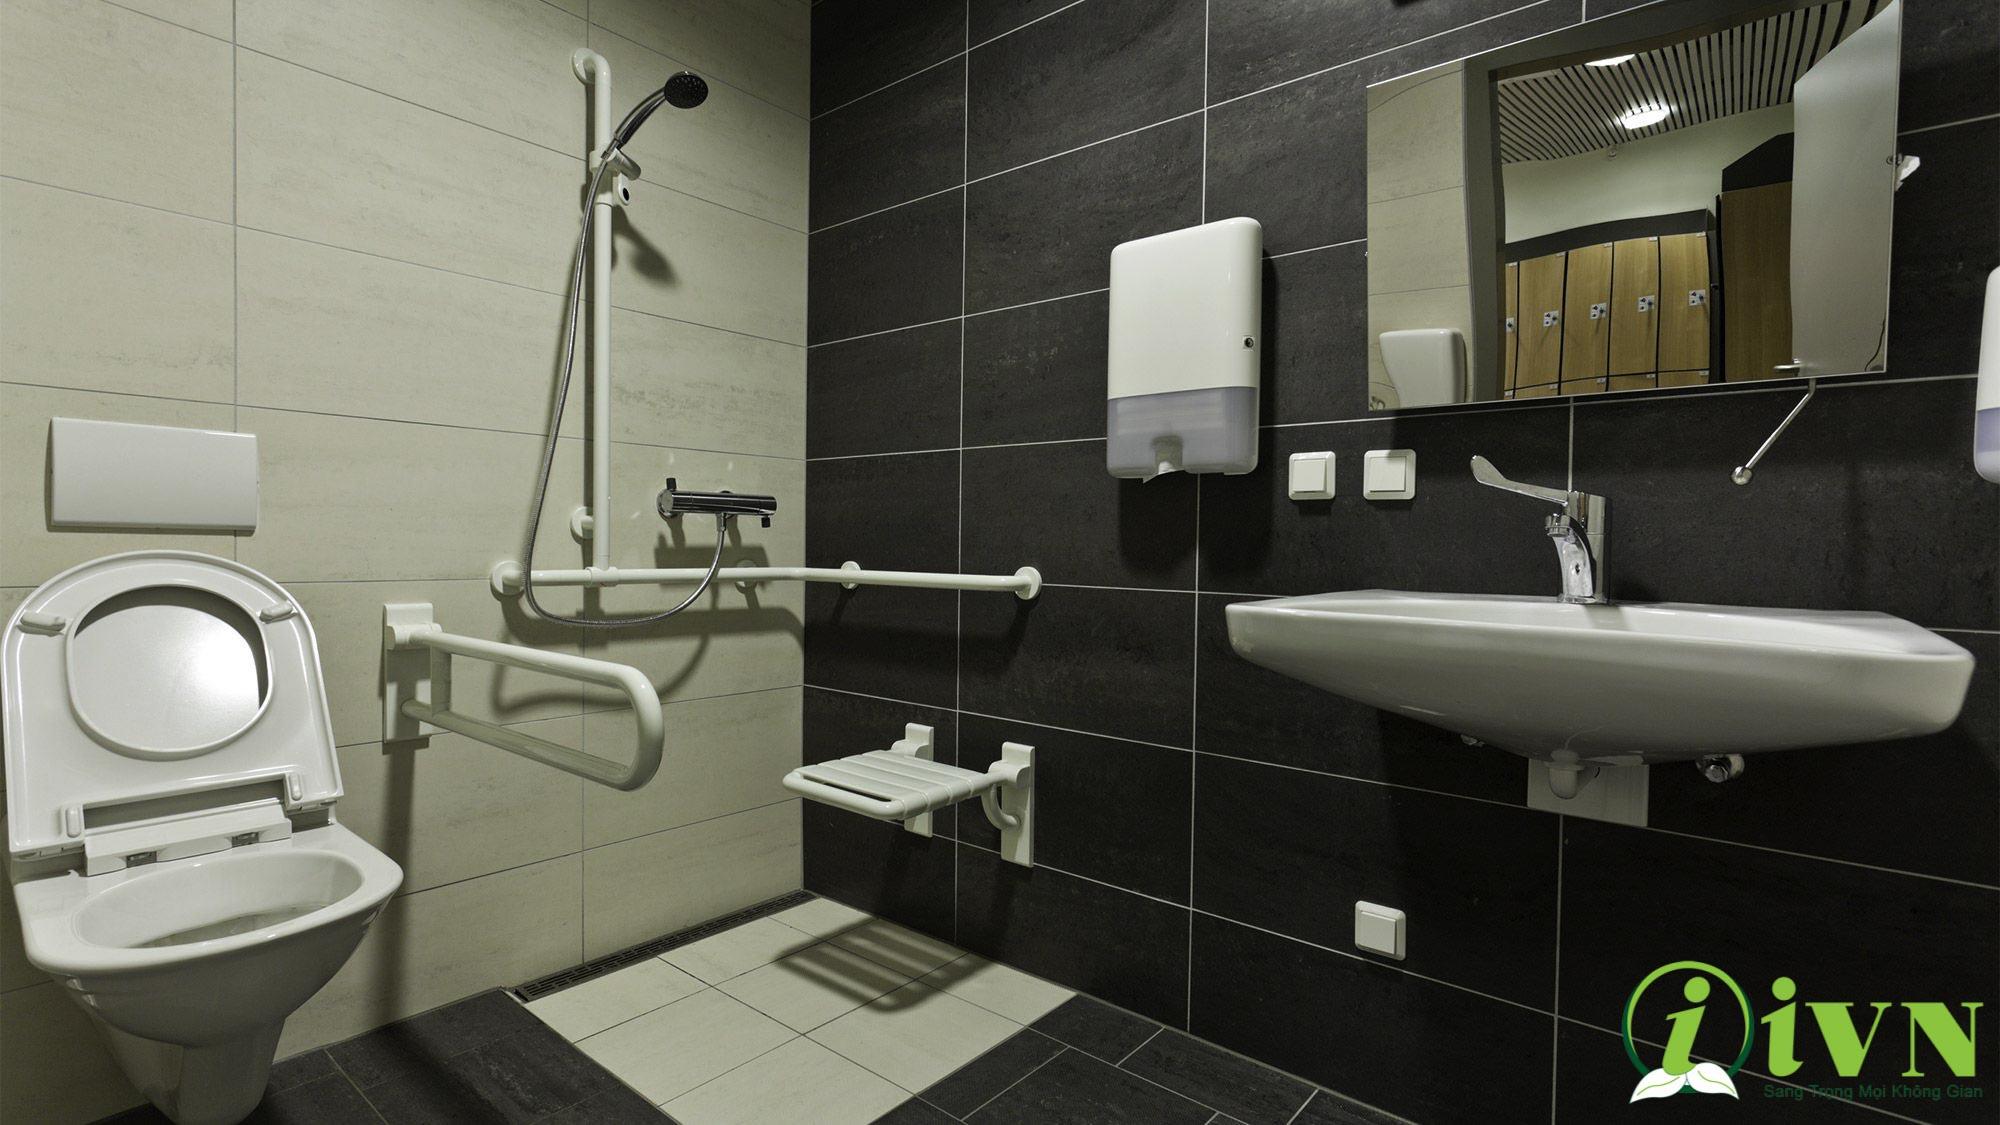 tay vịn nhà vệ sinh cho người khuyết tật (7)